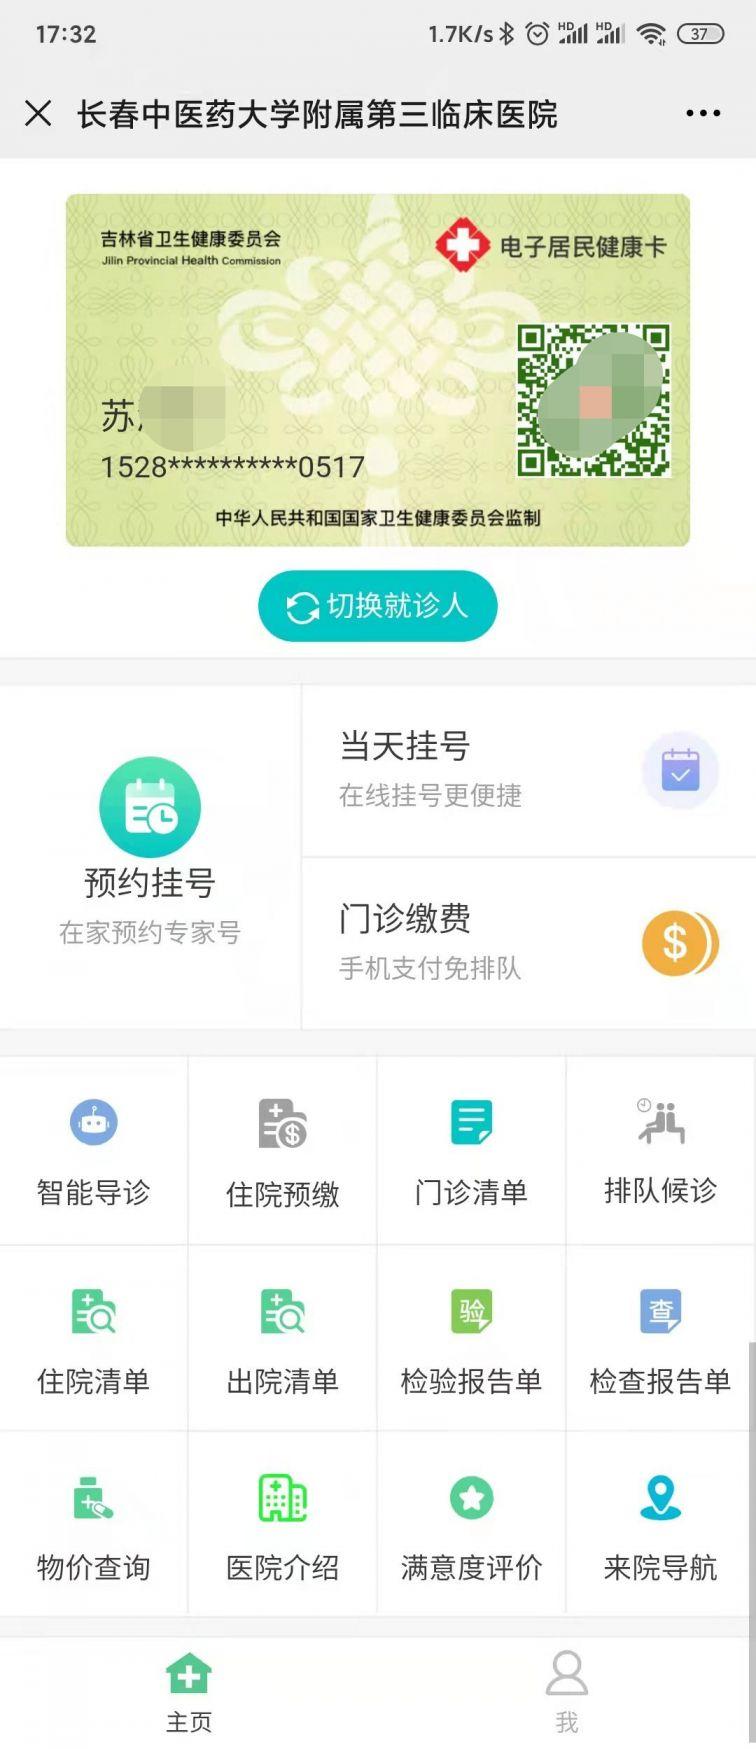 长春中医药大学附属医院挂号指南(入口 流程)